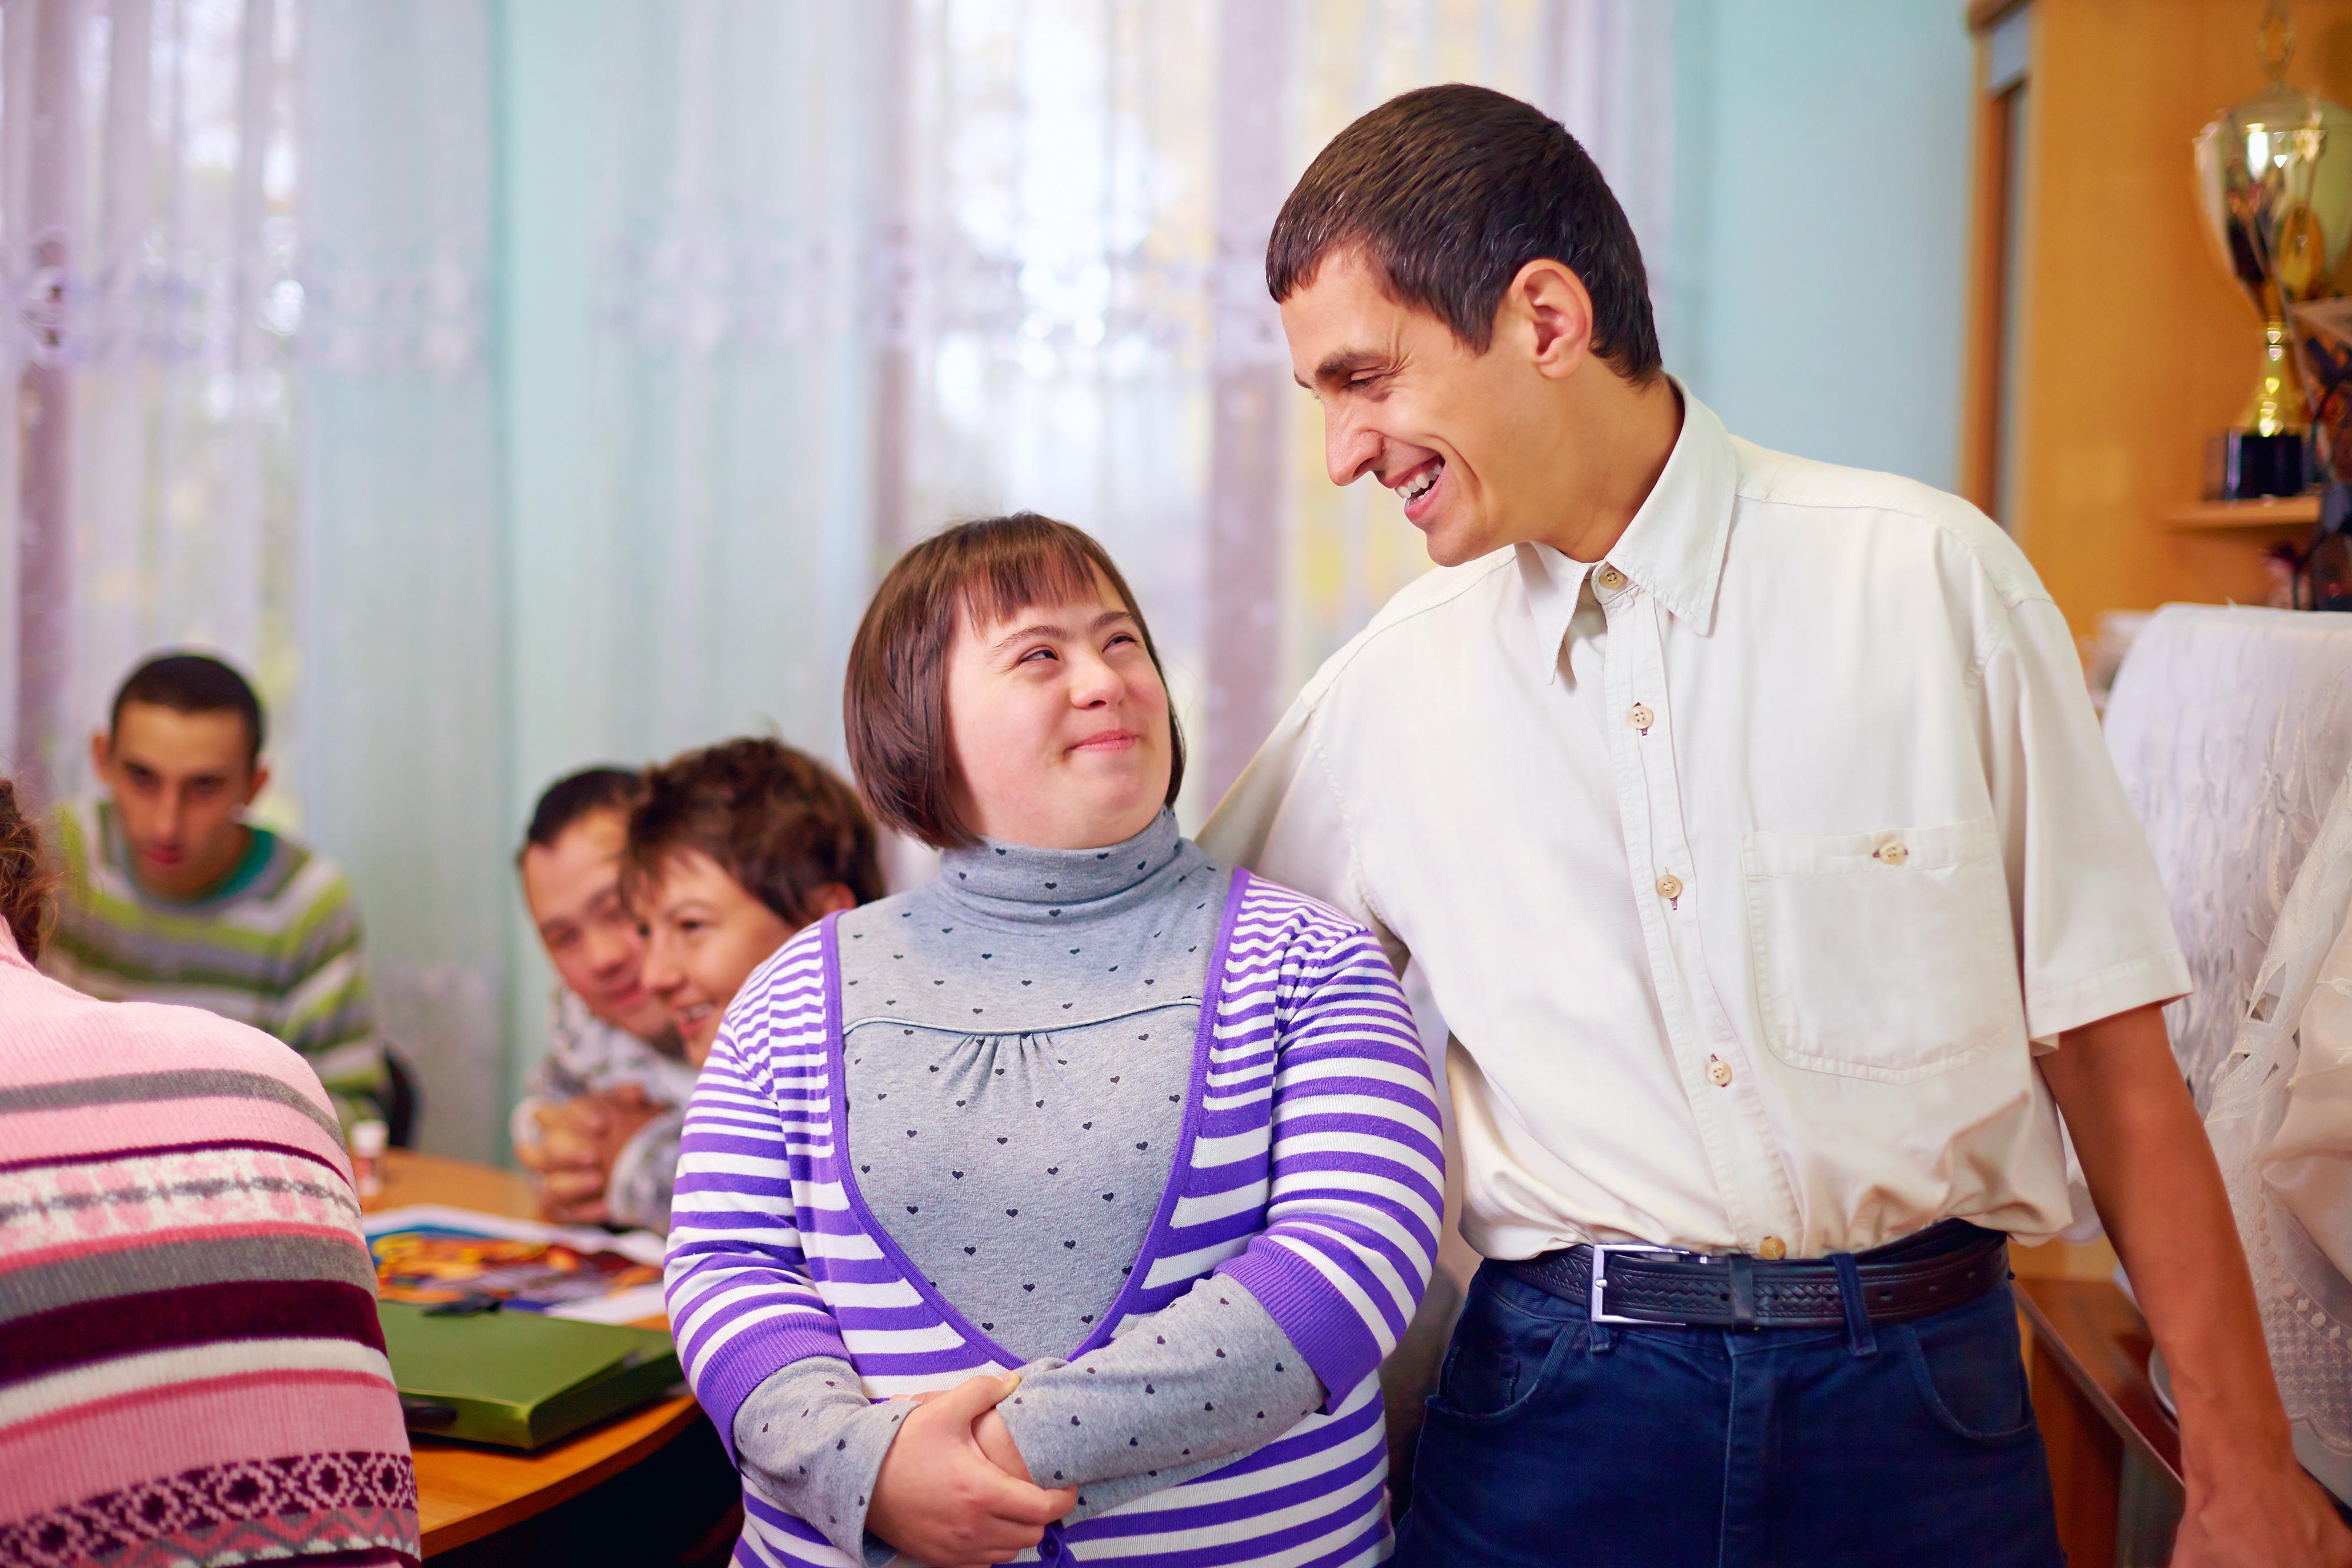 Simplifier les démarches administratives des personnes en situation de handicap